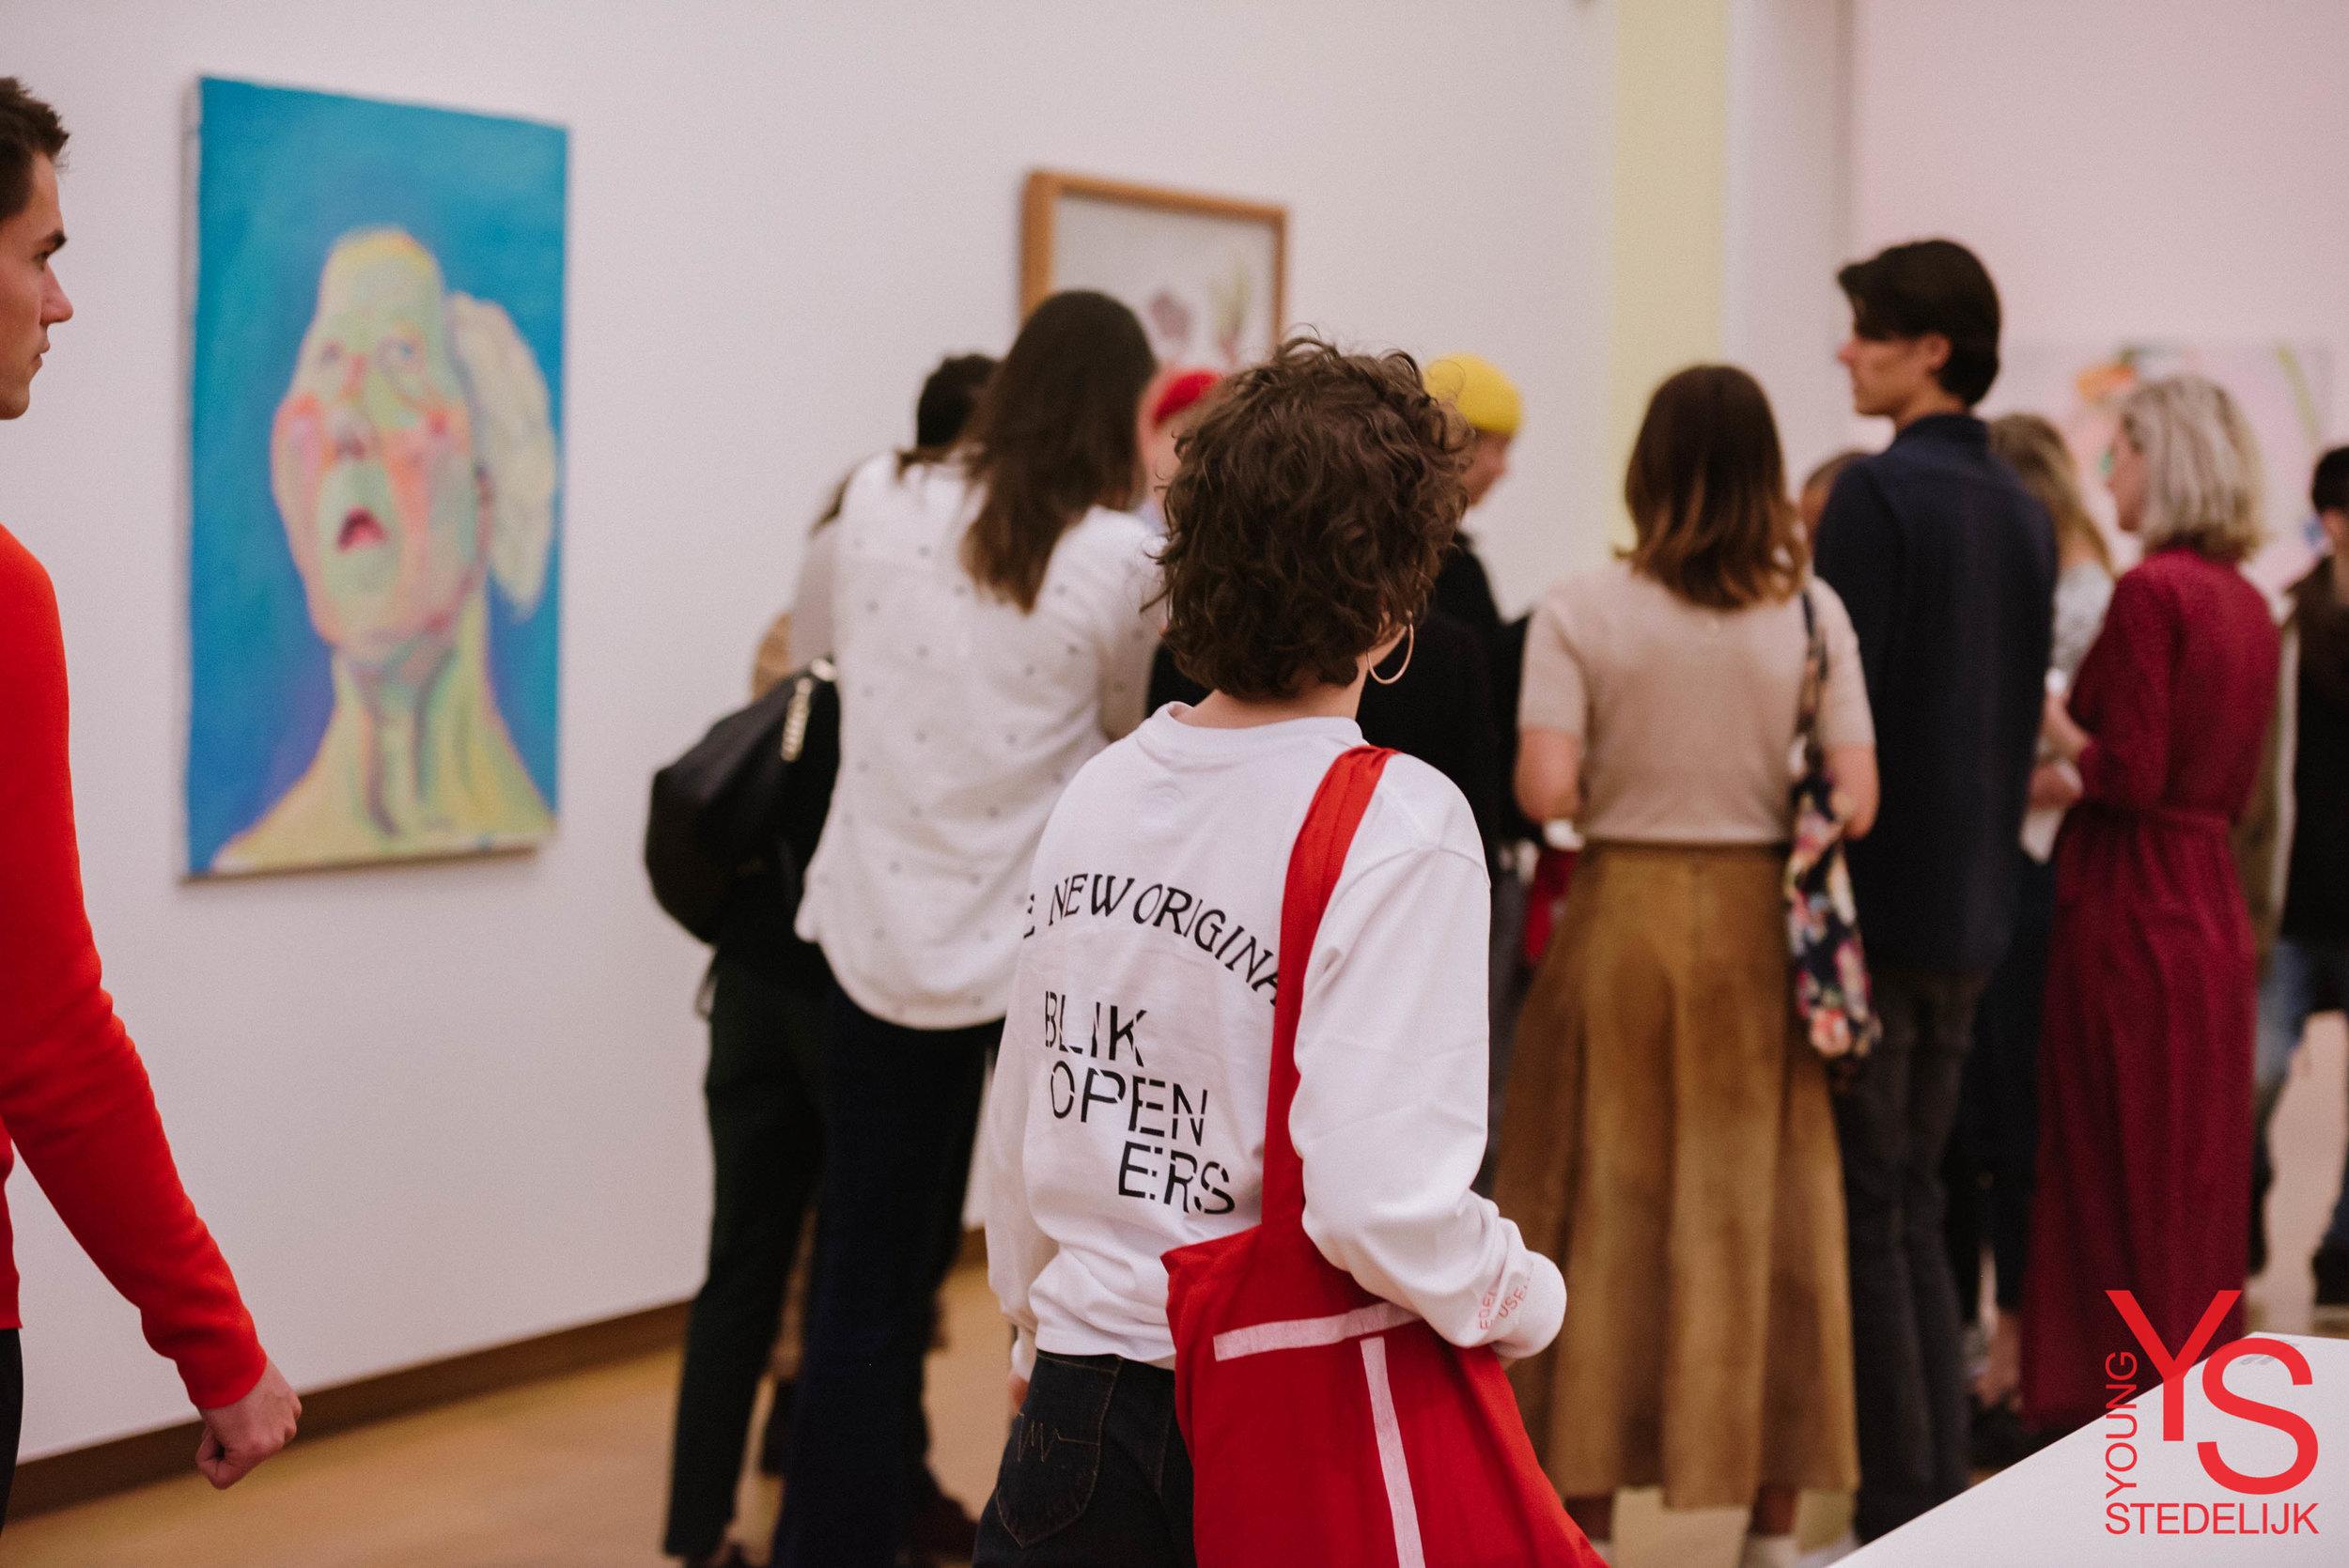 StedelijkMuseum_TheBreakfast_NooijPhotography_logo-151.jpg